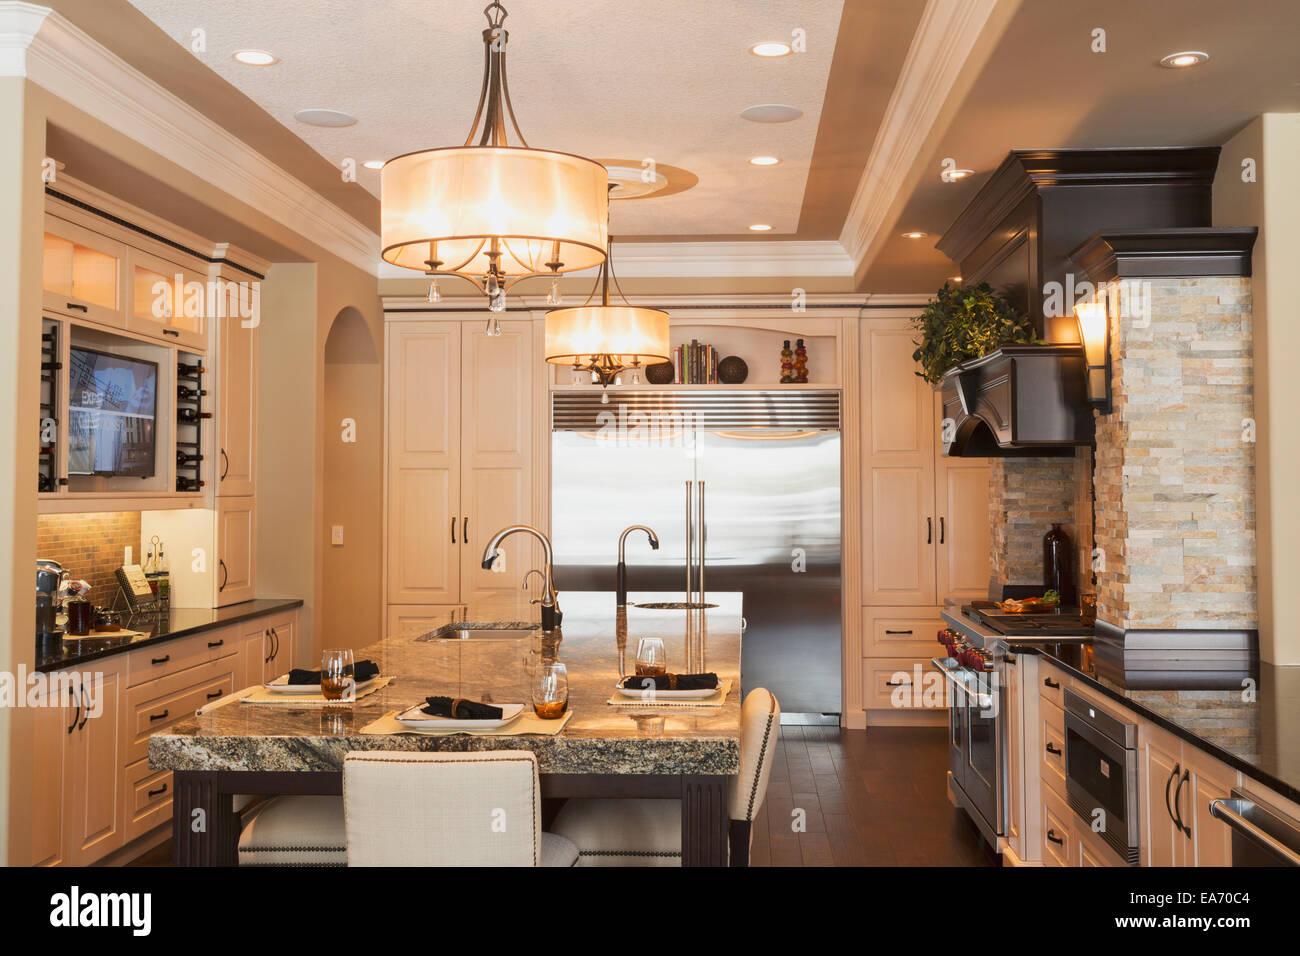 Erfreut Küche Leuchten Kanada Zeitgenössisch - Küche Set Ideen ...